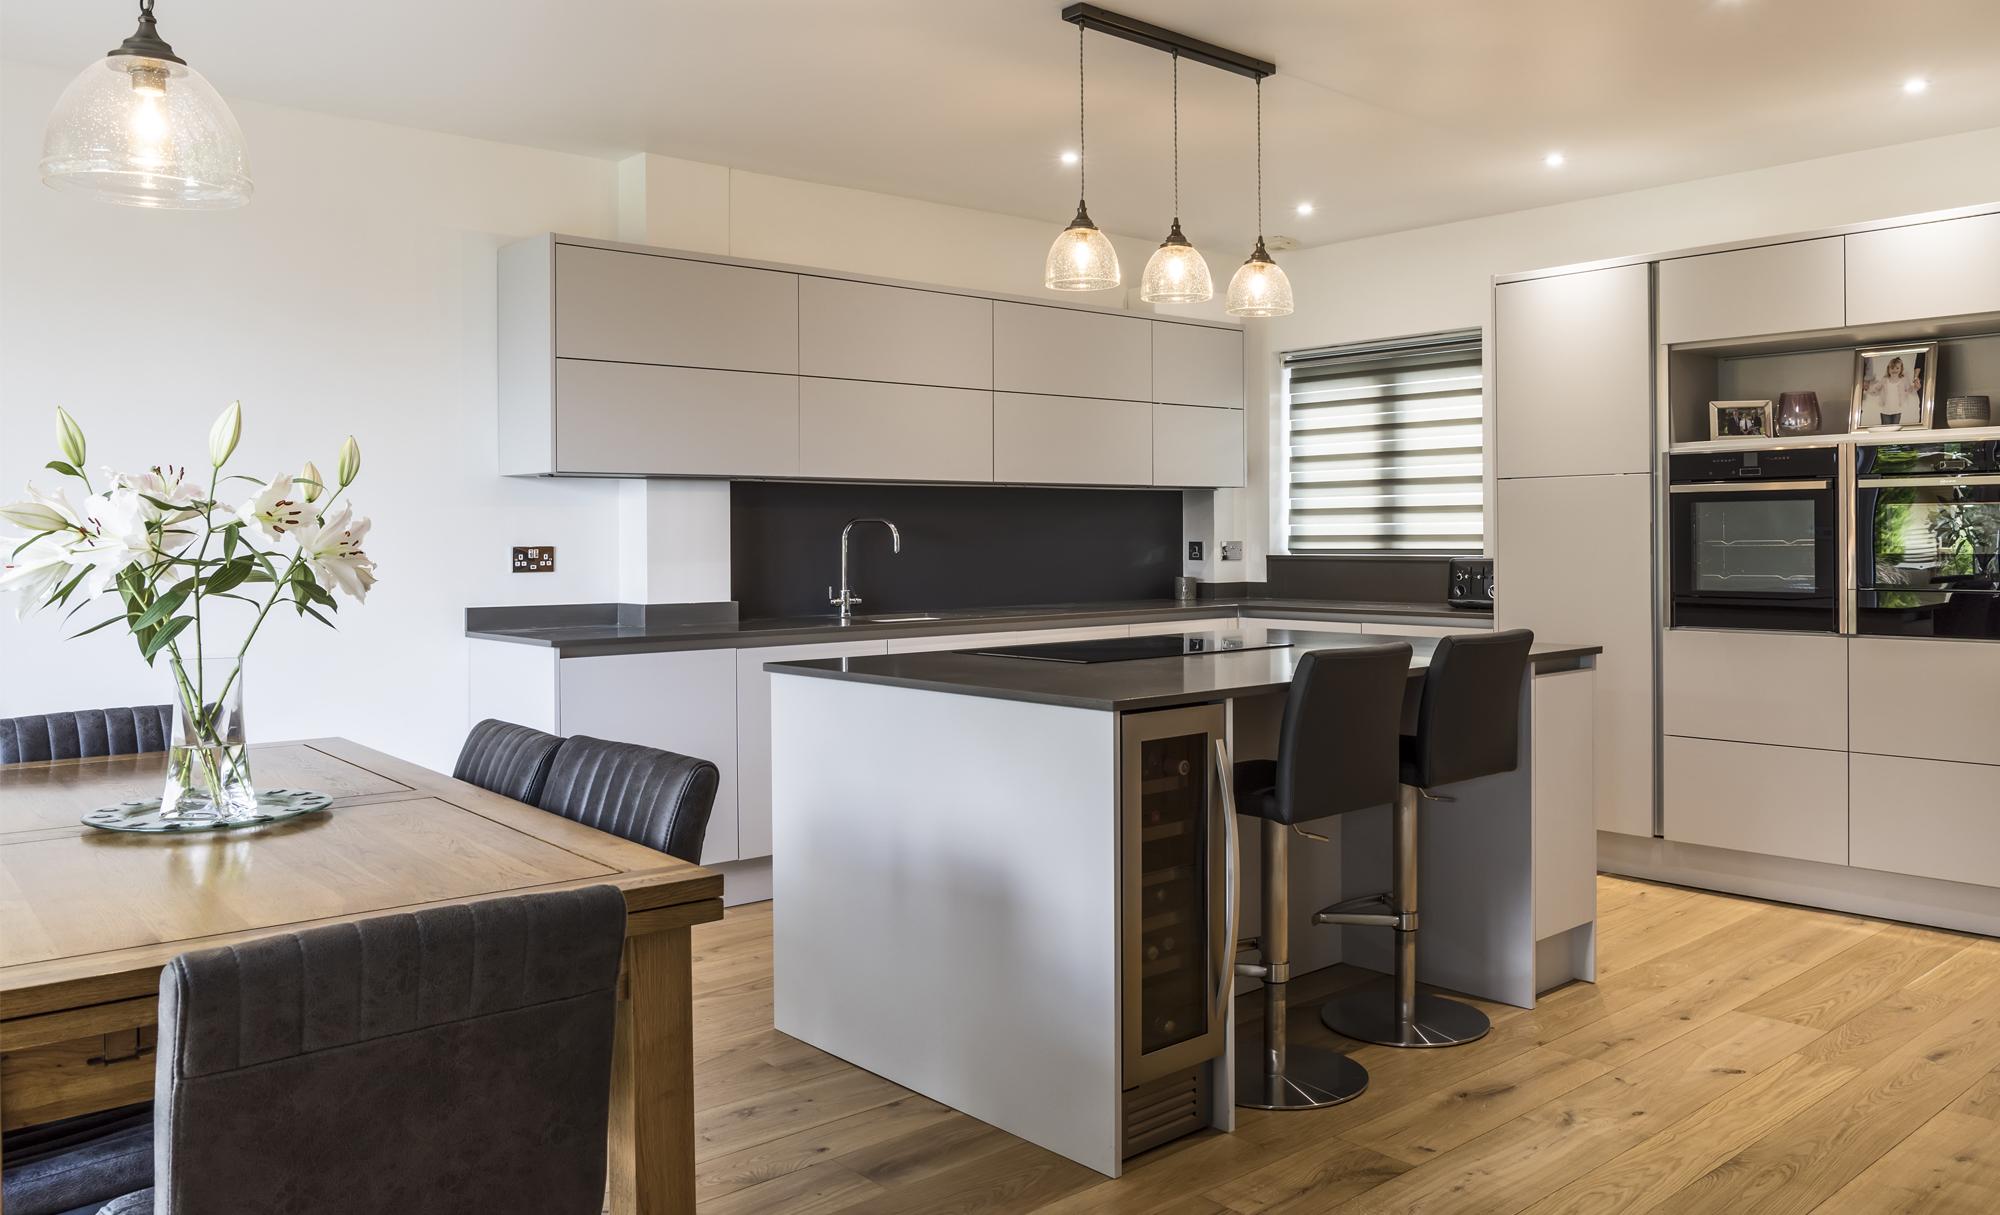 kitchen-stori-zola-matte-light-grey-kitchen-walnut-worktop